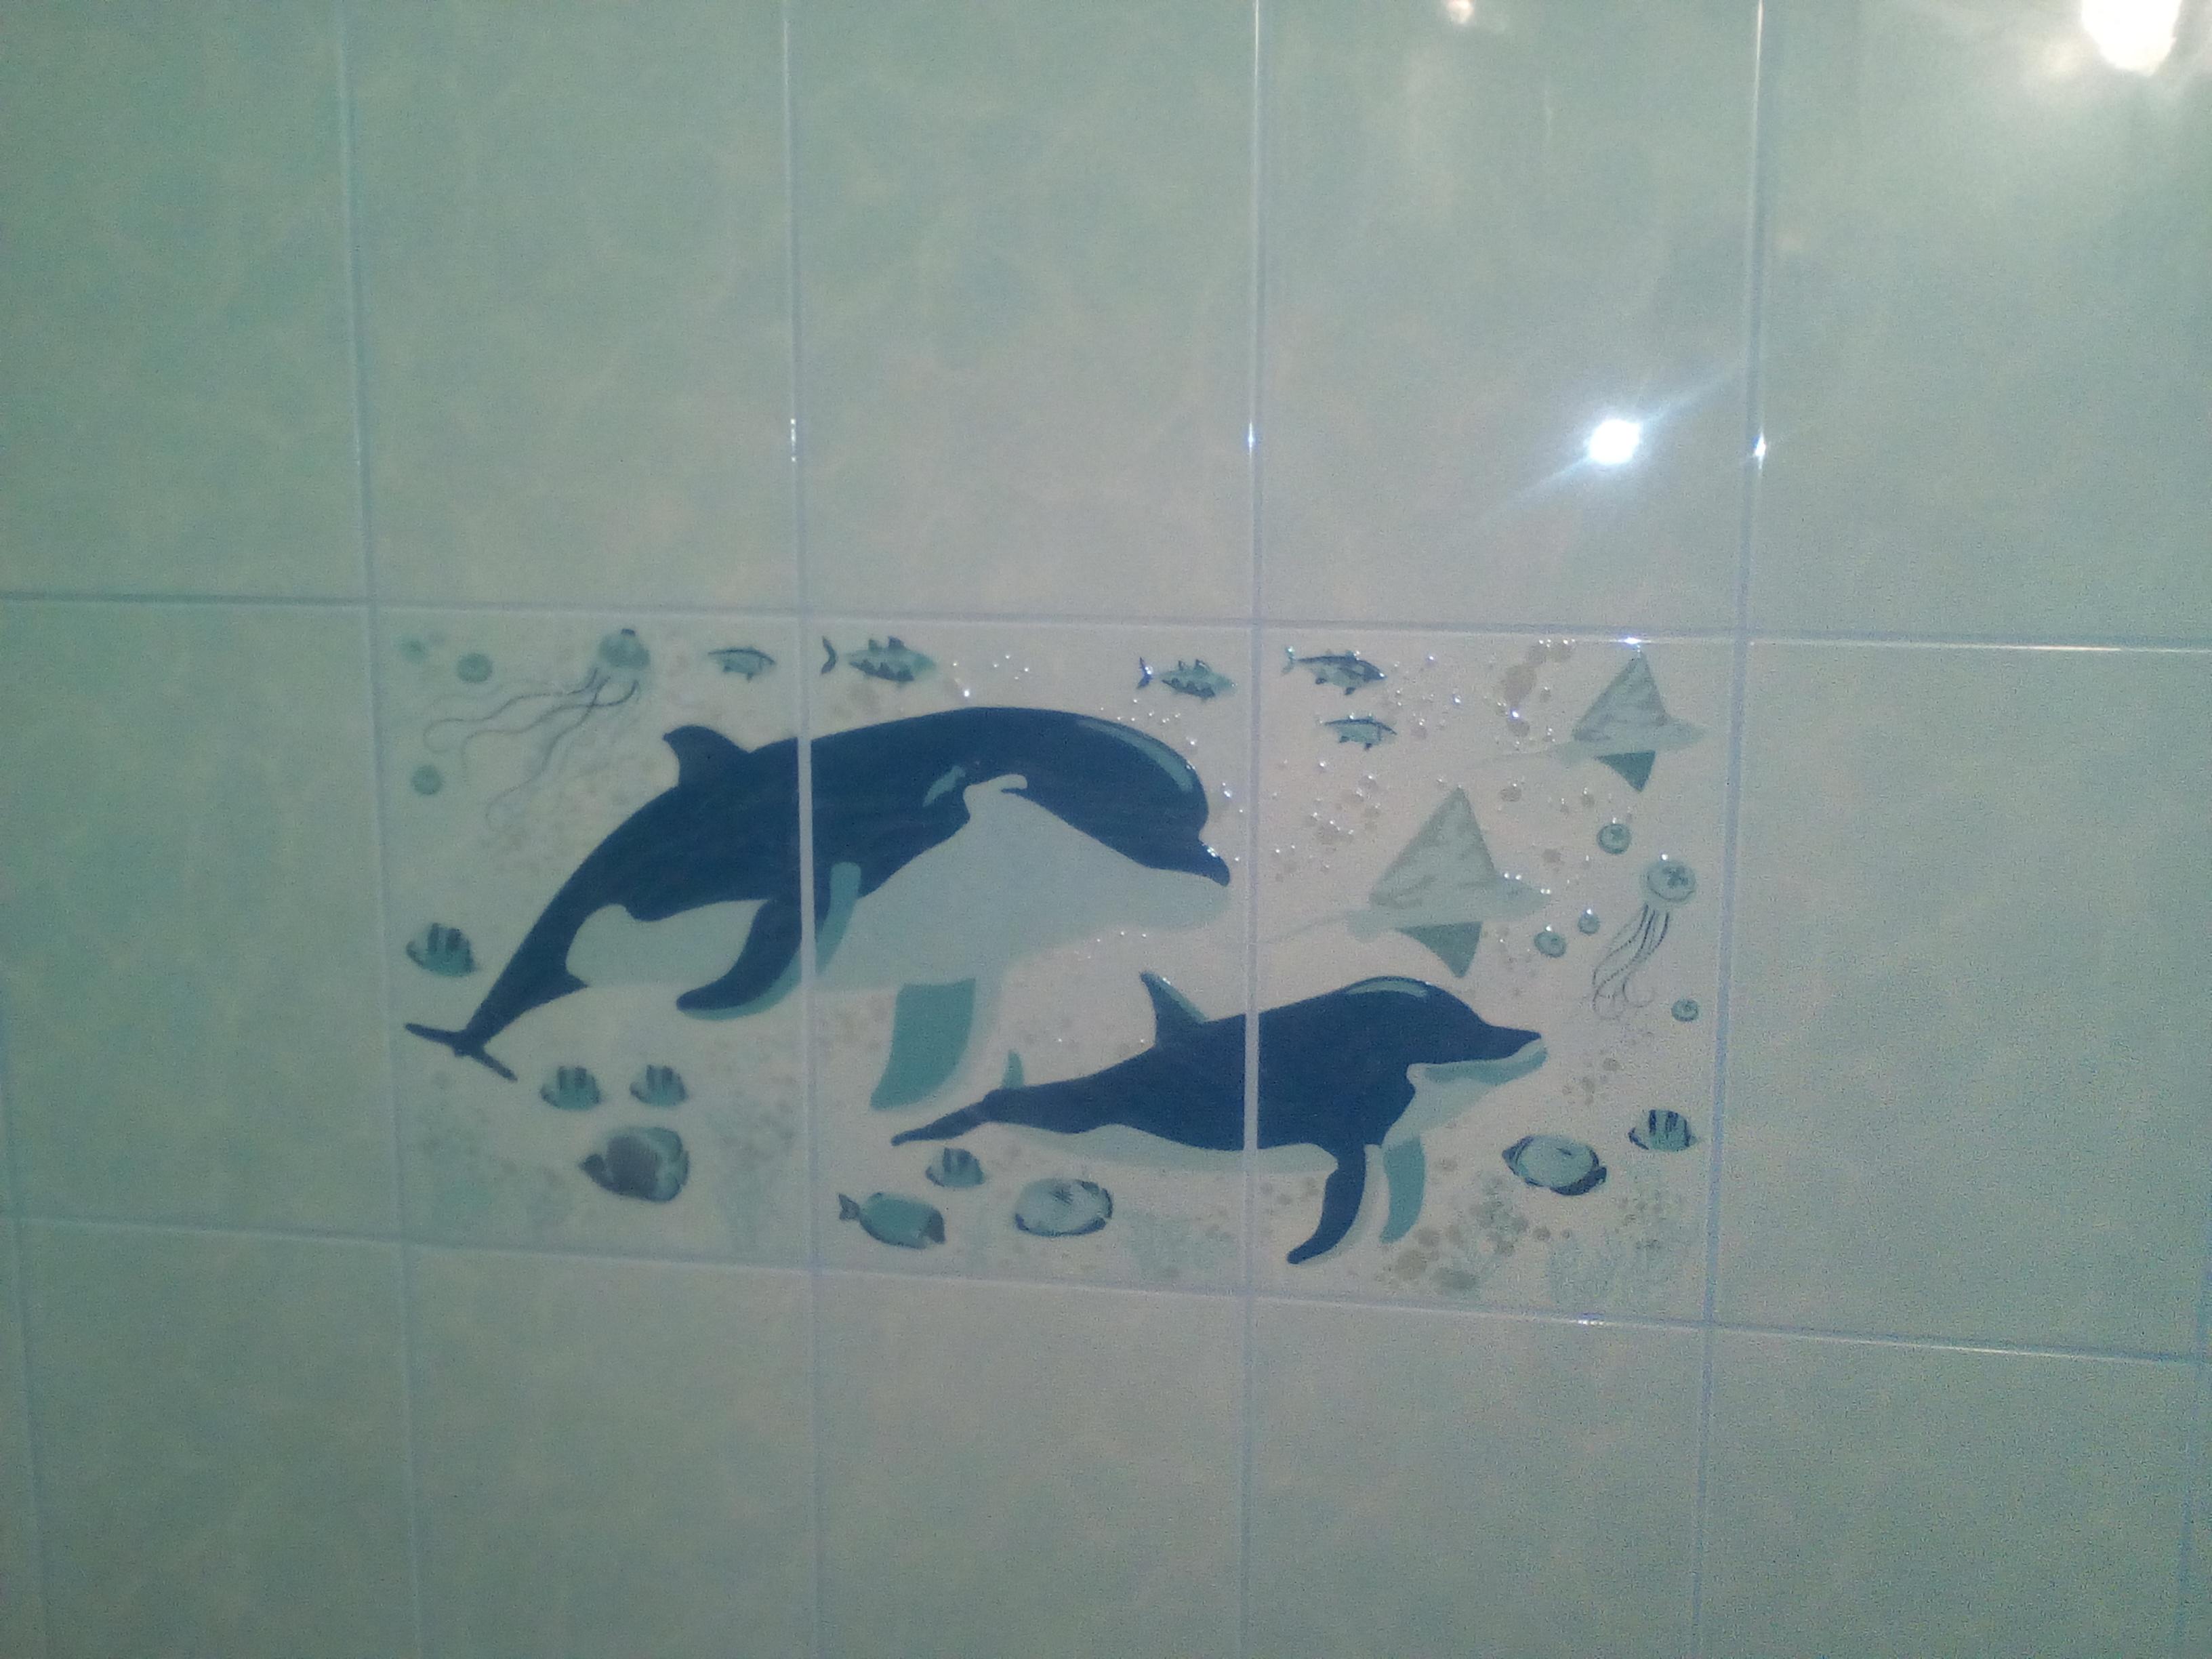 Фото Стены ванной комнаты,облицовка плиткой, 2 дня